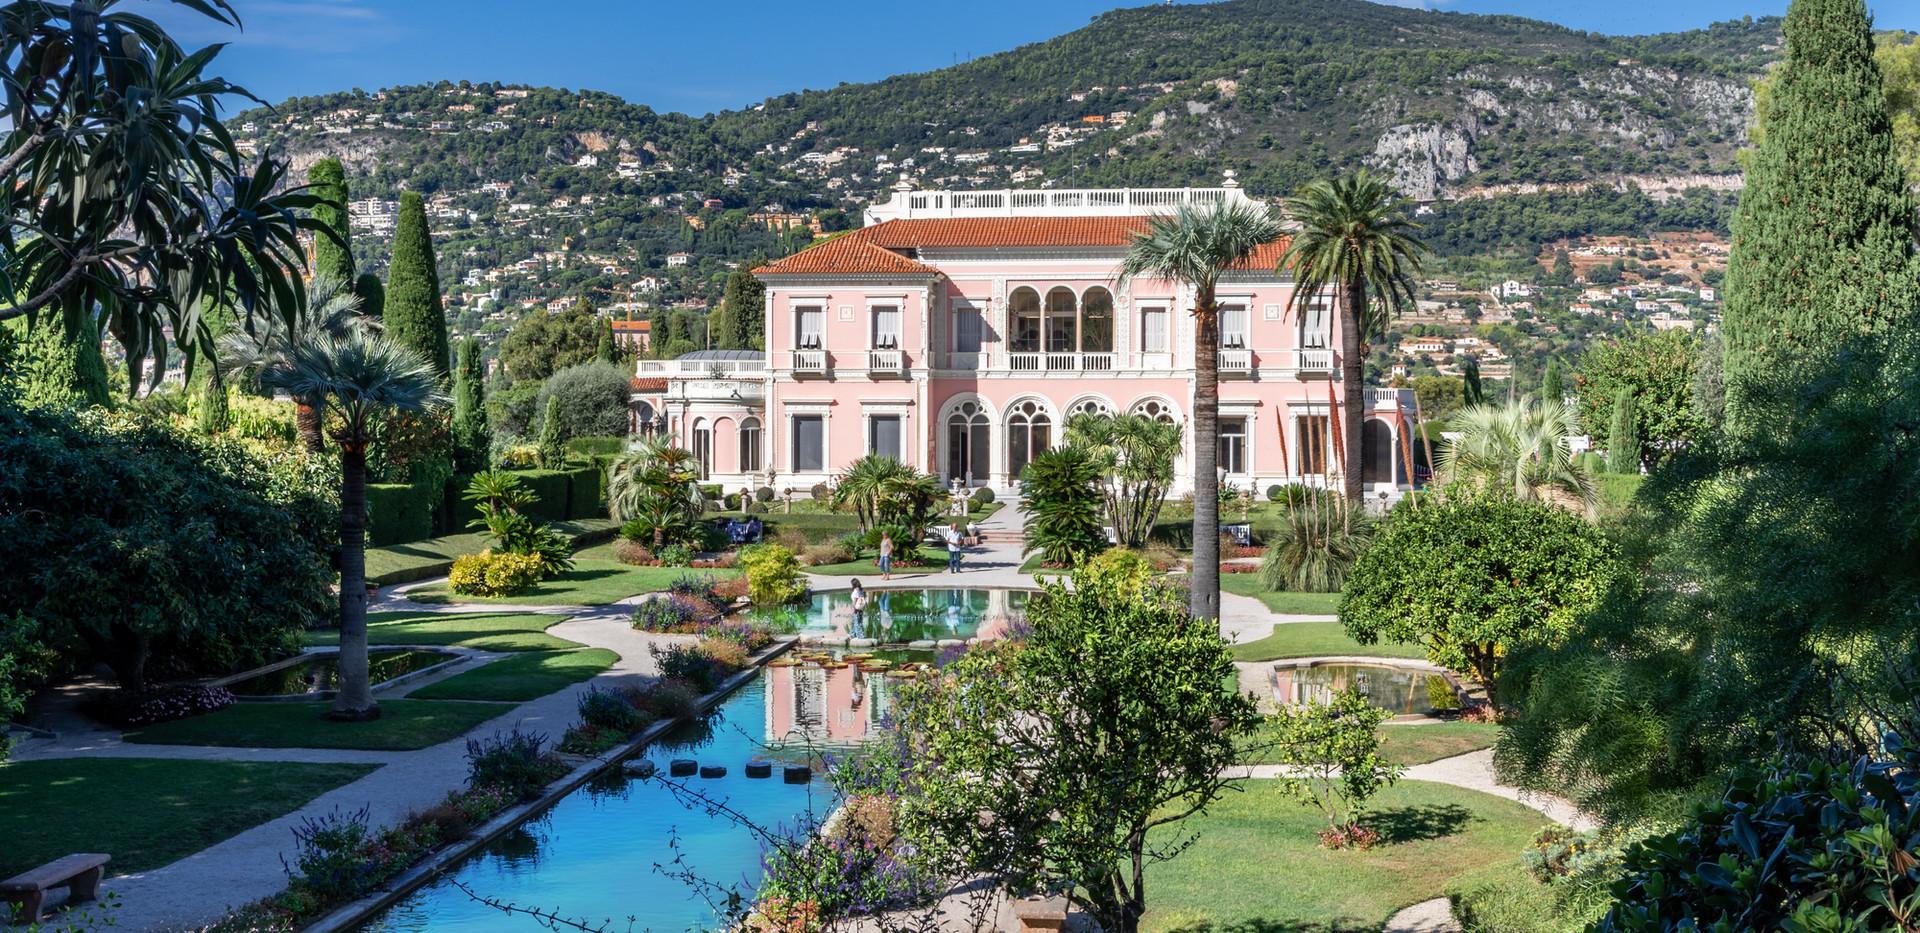 Landscape view of Villa Ephrussi